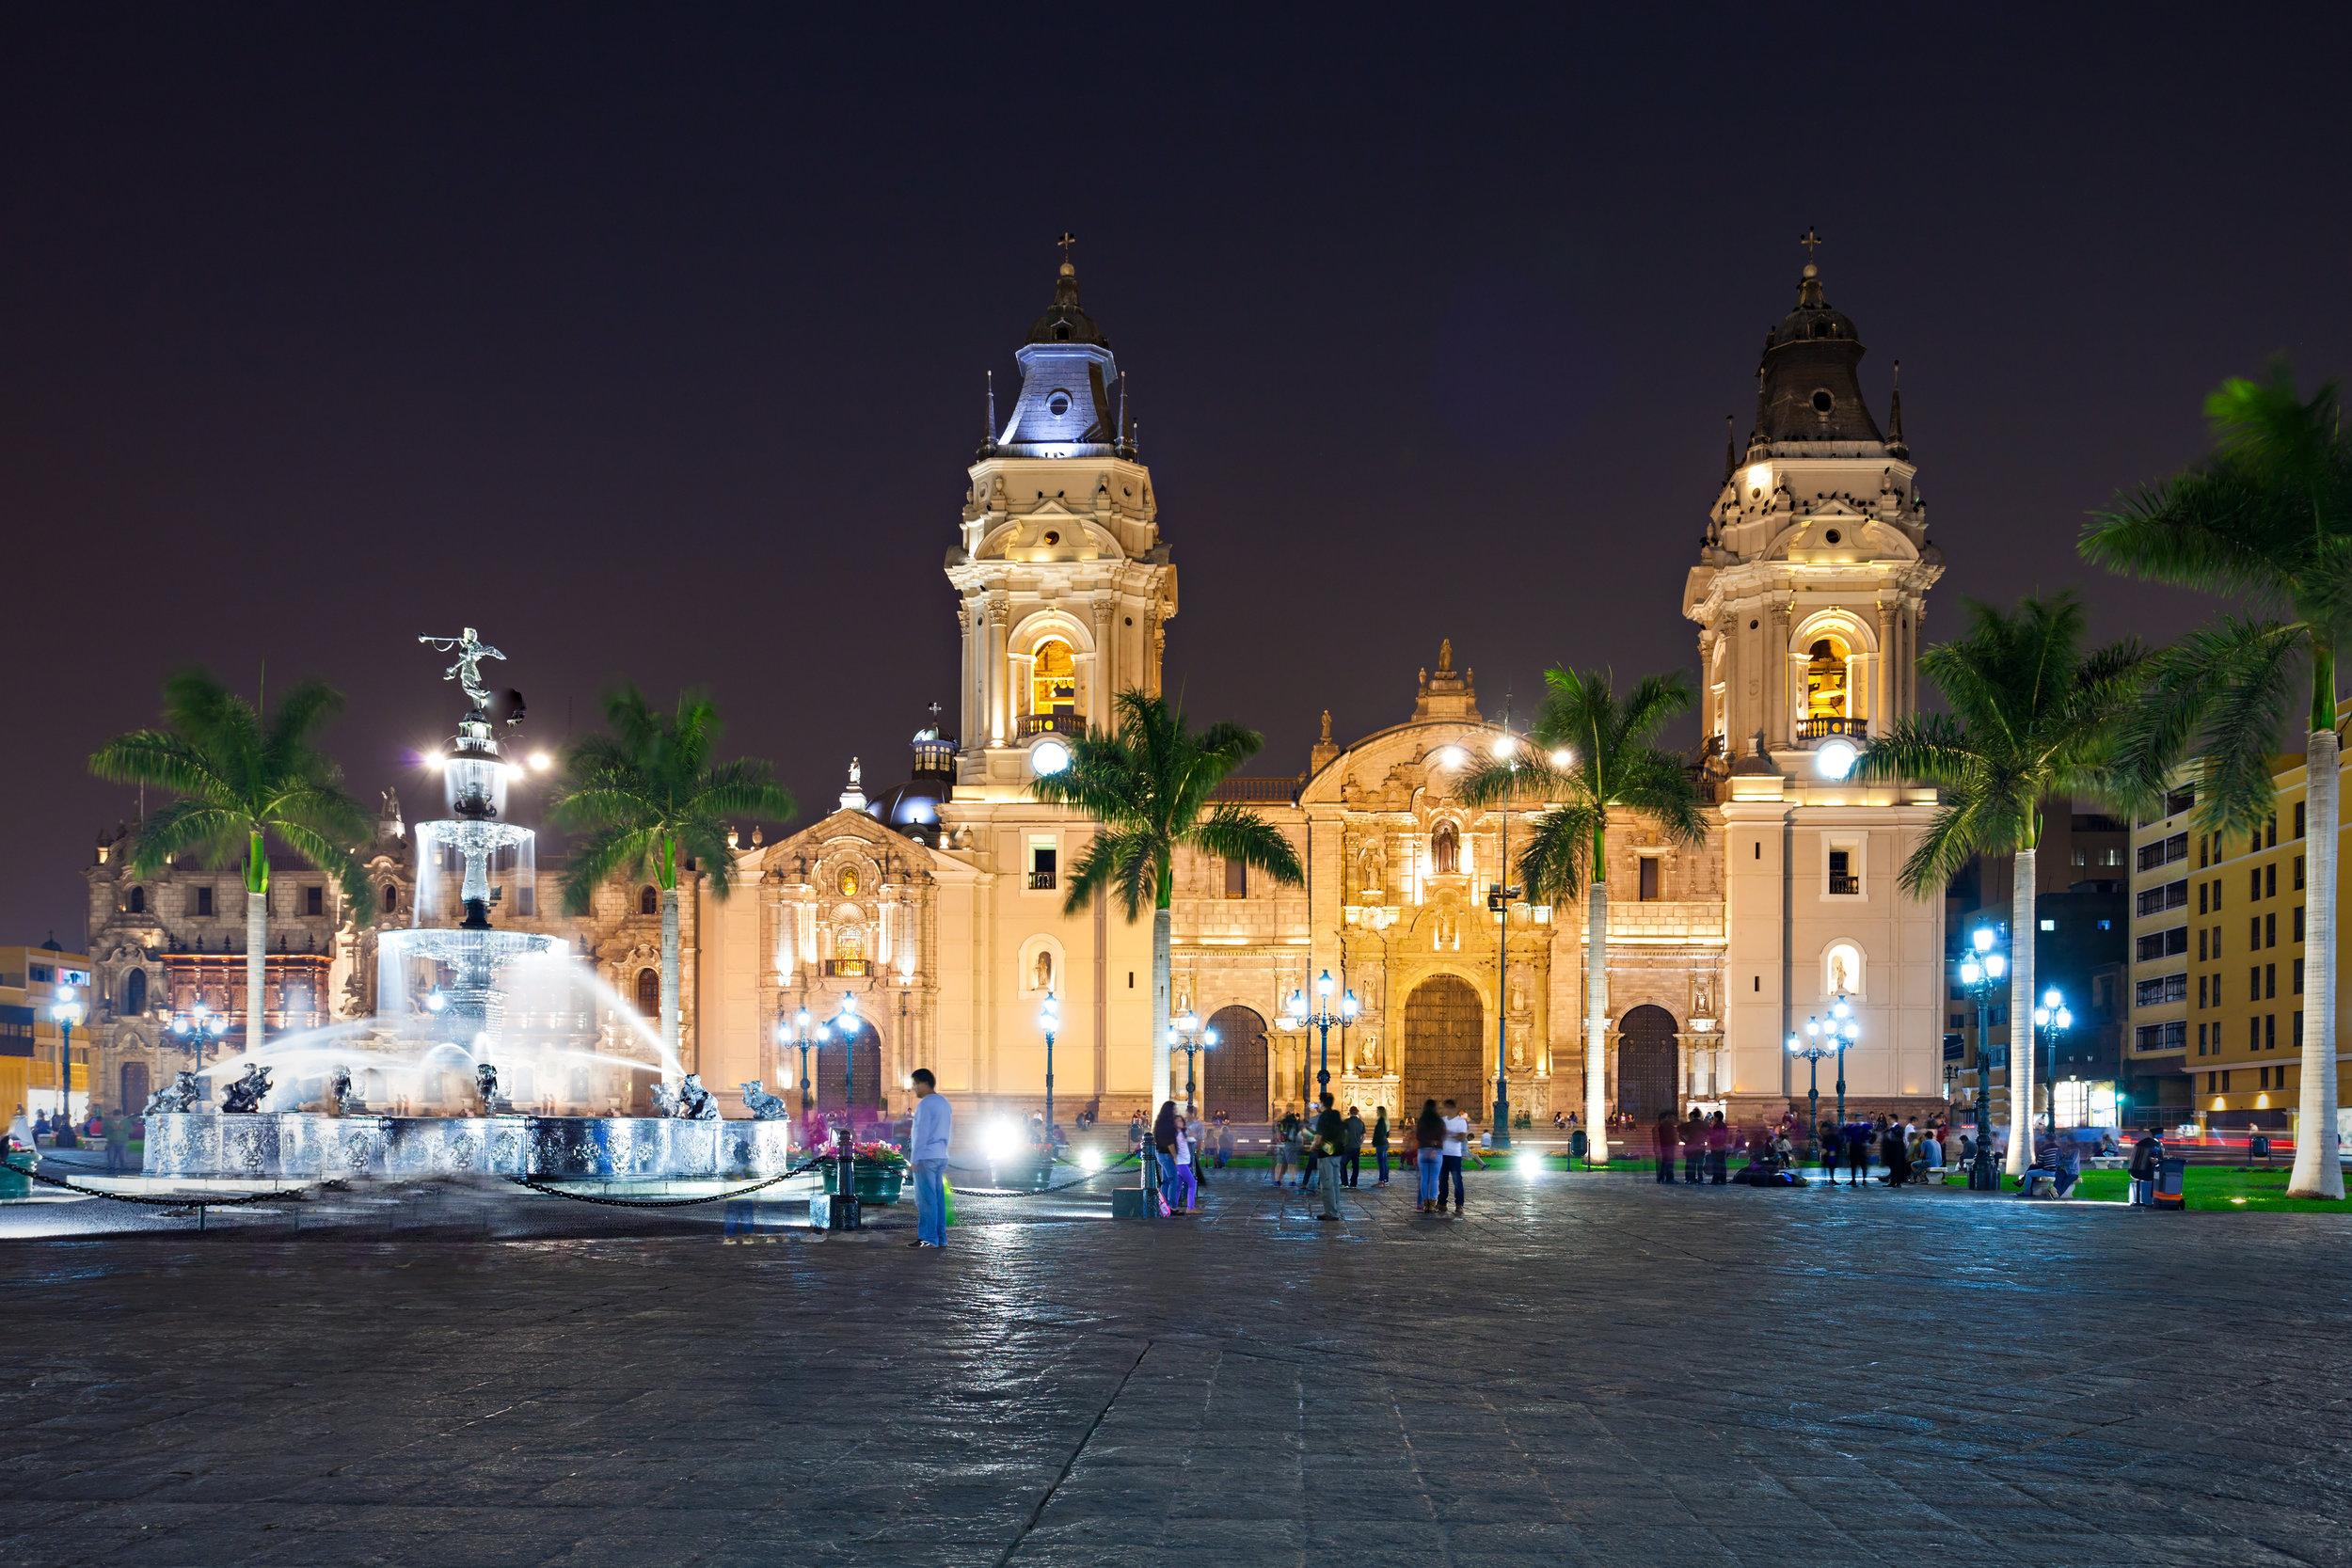 peru_bigstock-Basilica-Cathedral-Lima-121436579.jpg